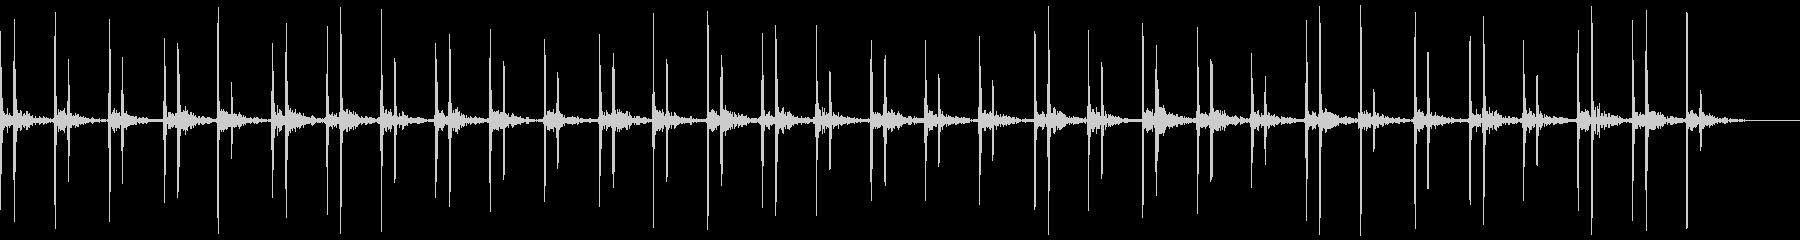 ドックン(早い心臓音)の未再生の波形